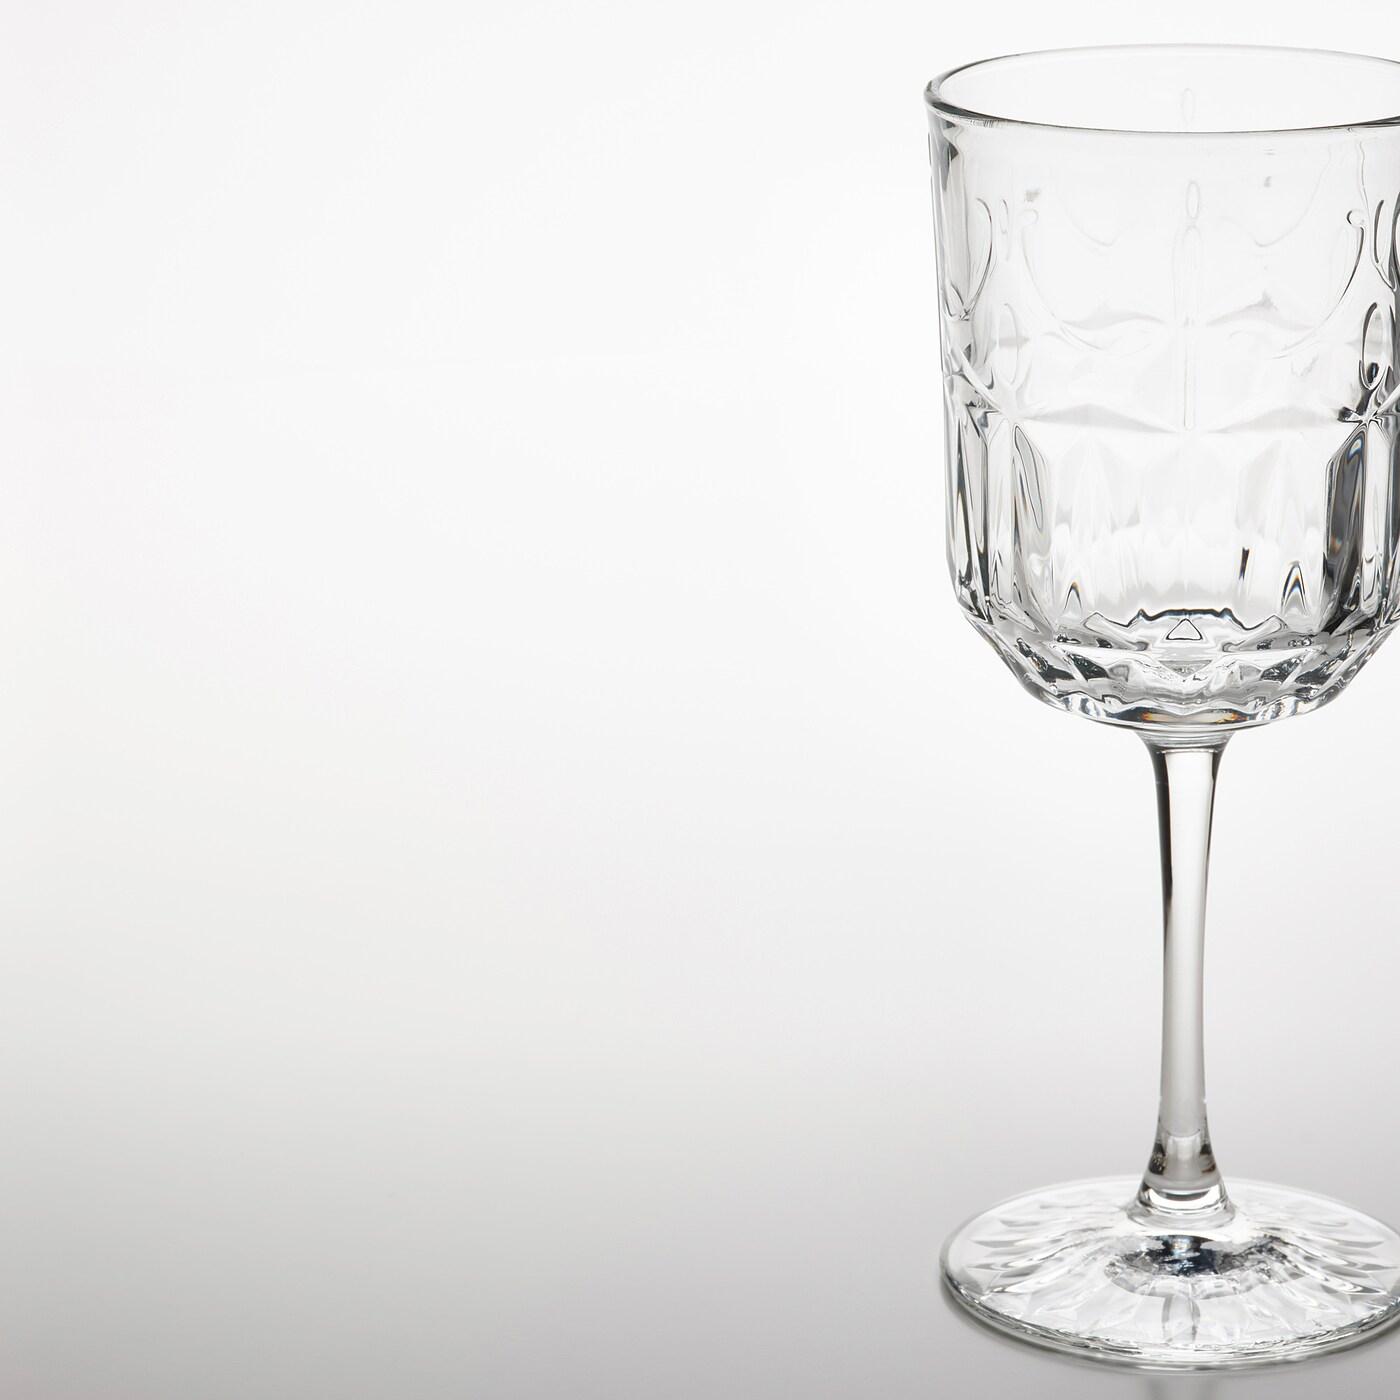 SÄLLSKAPLIG كأس, زجاج شفاف/منقّش, 27 سل